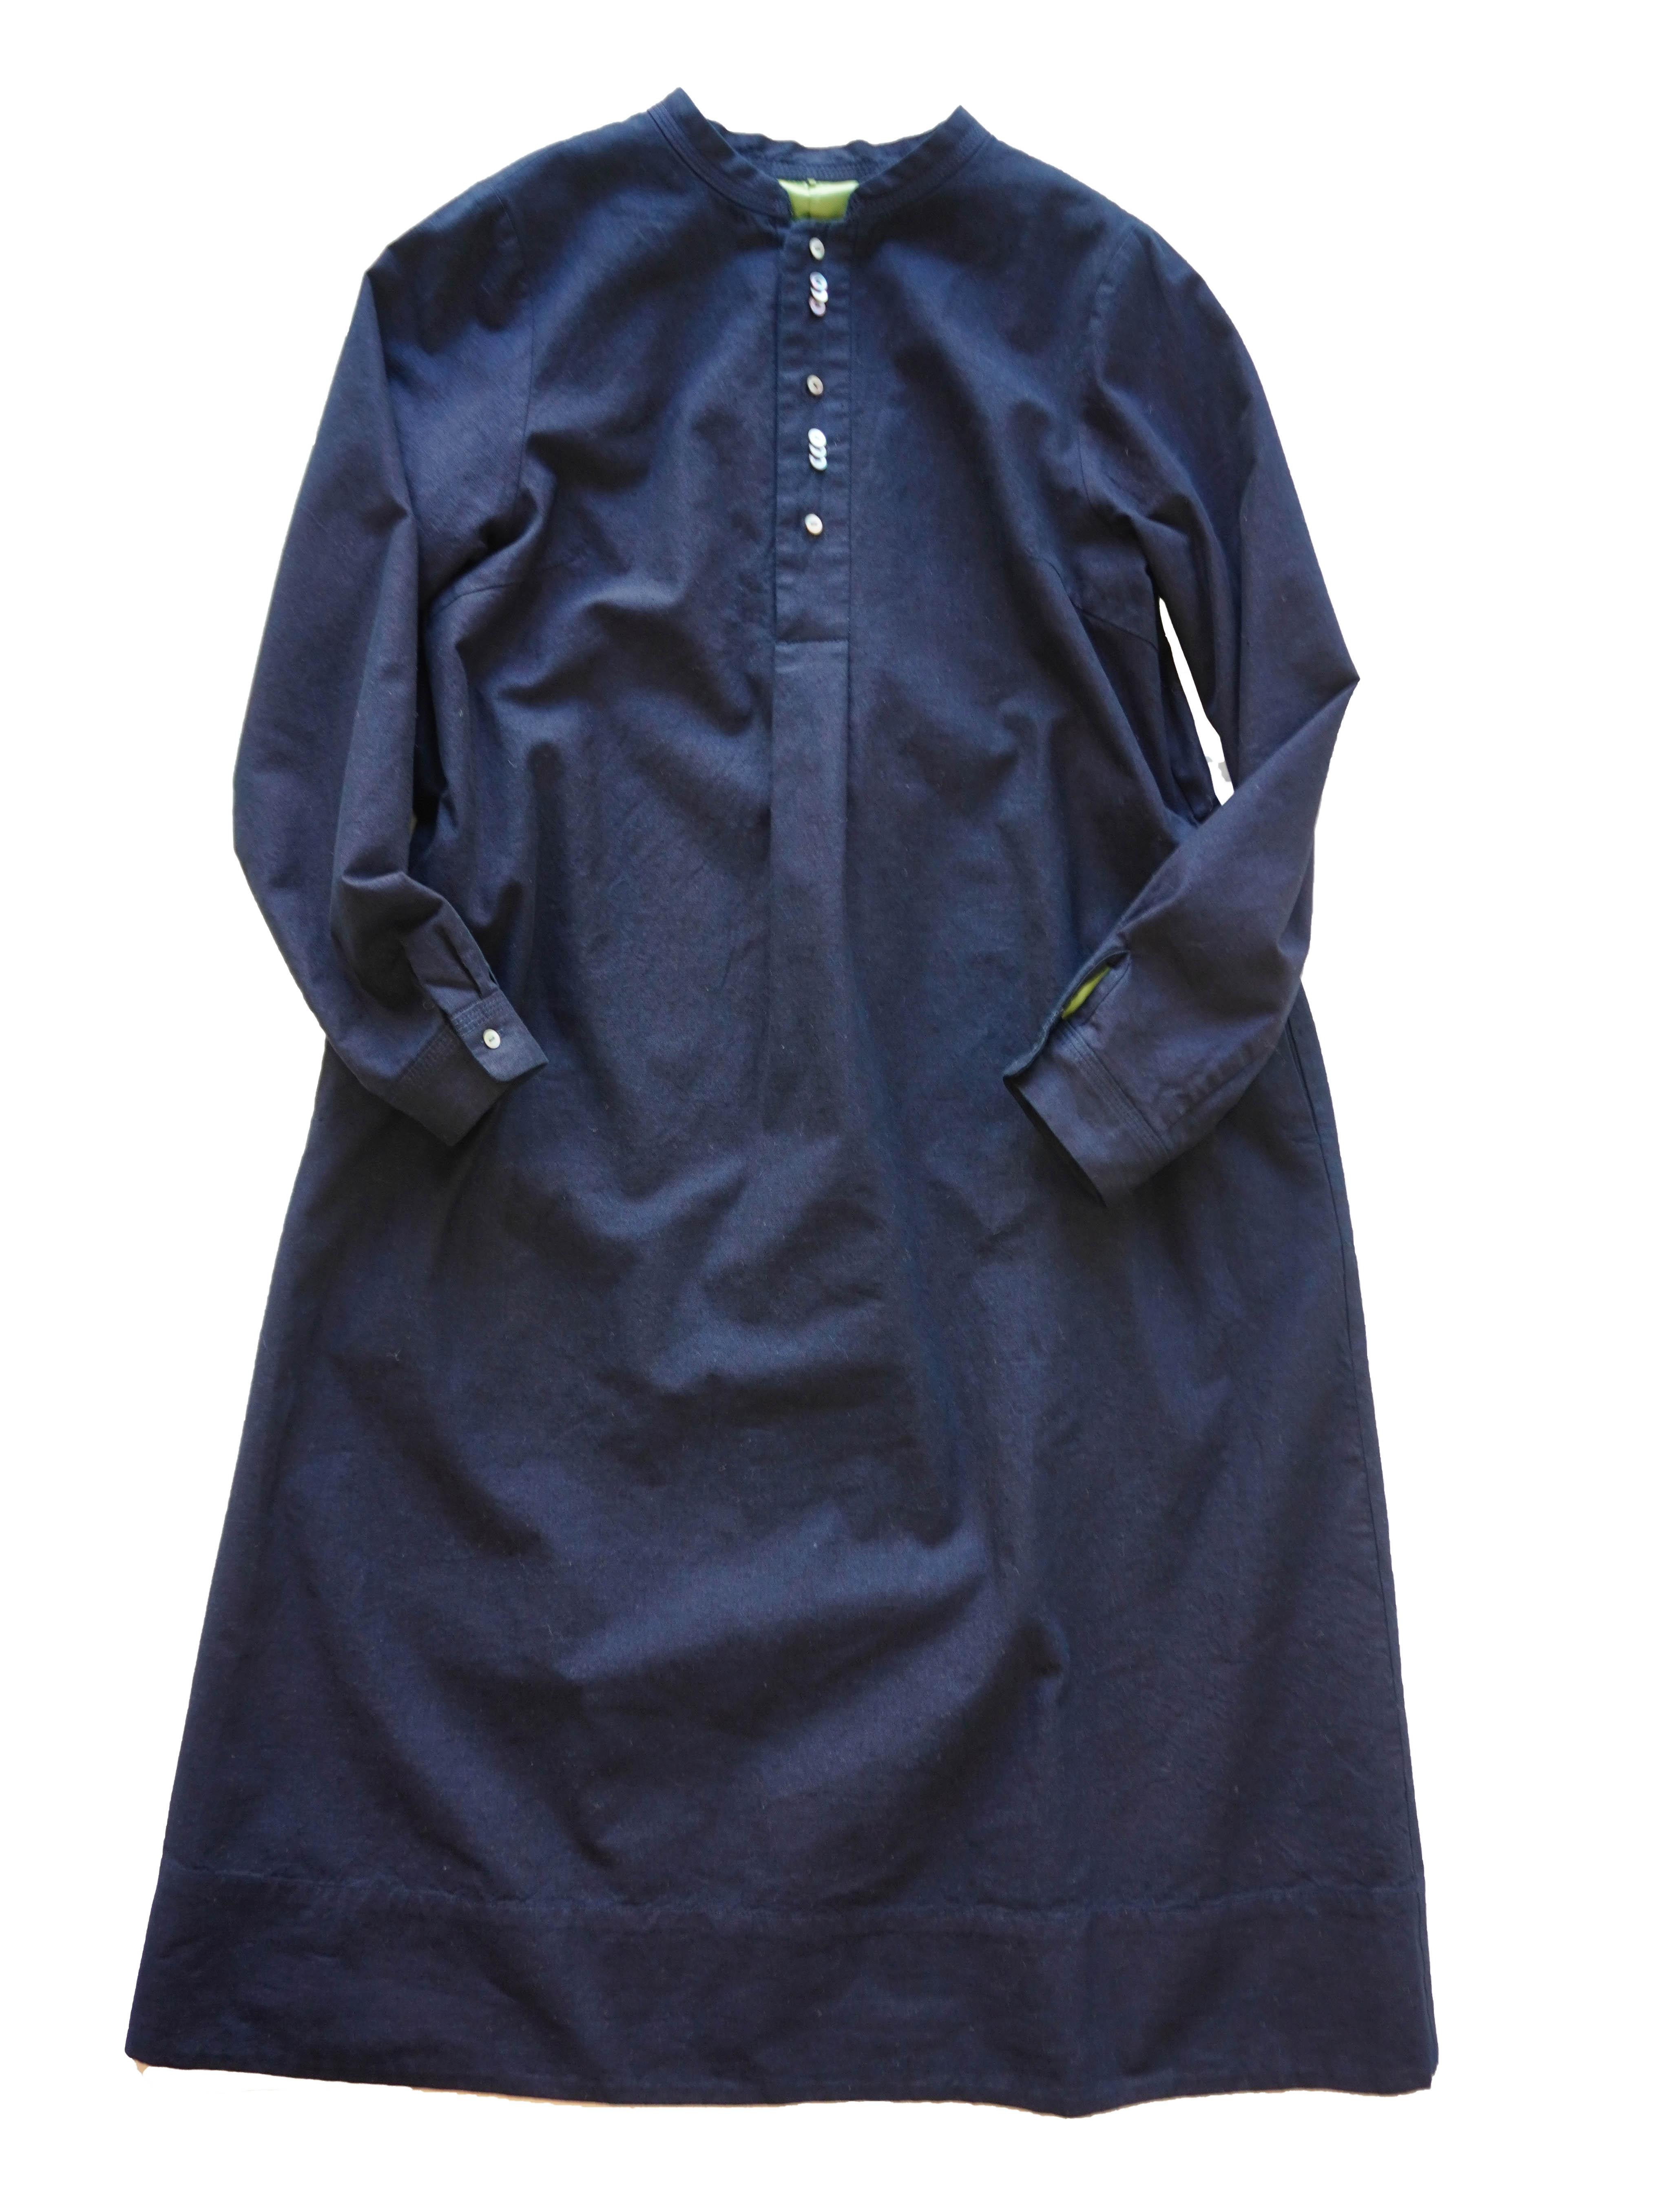 インディゴ平織りスタンド衿ワンピース